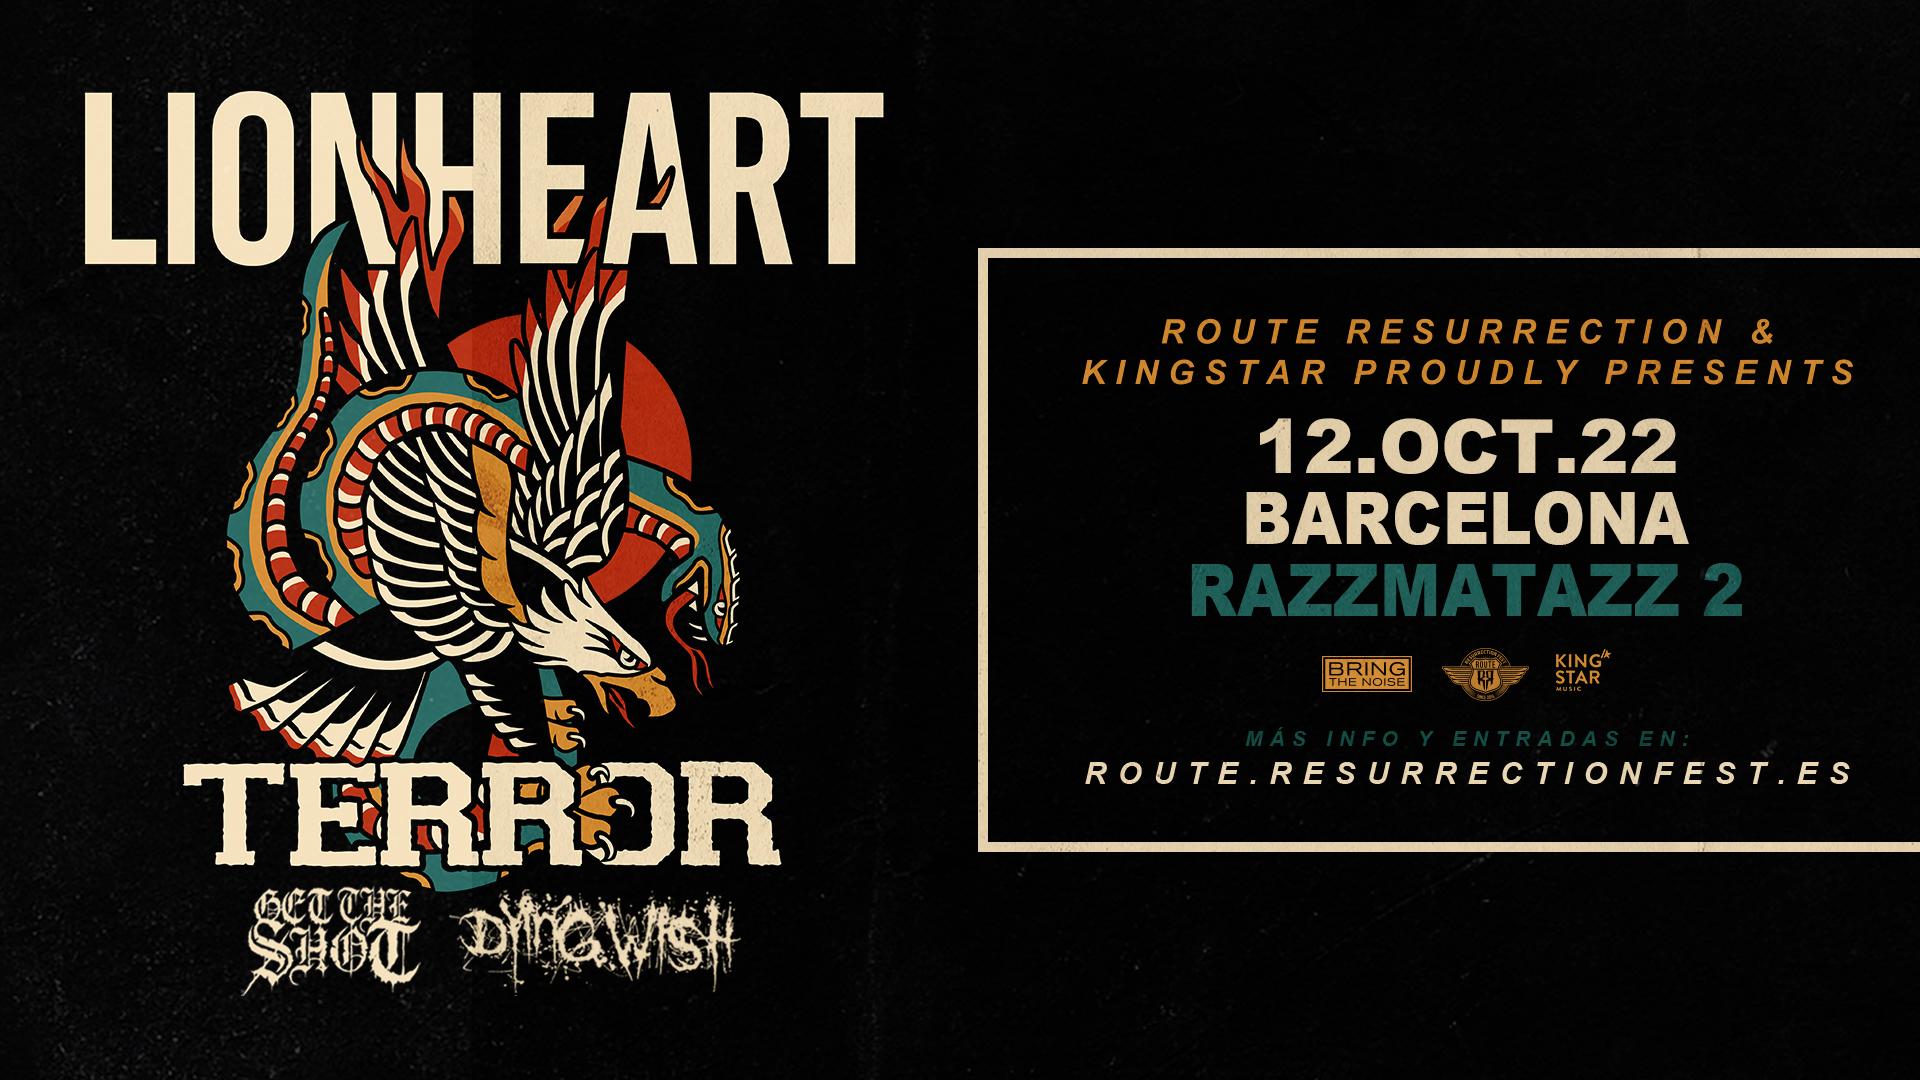 Route Resurrection Fest 2022 - Lionheart y Terror - Event